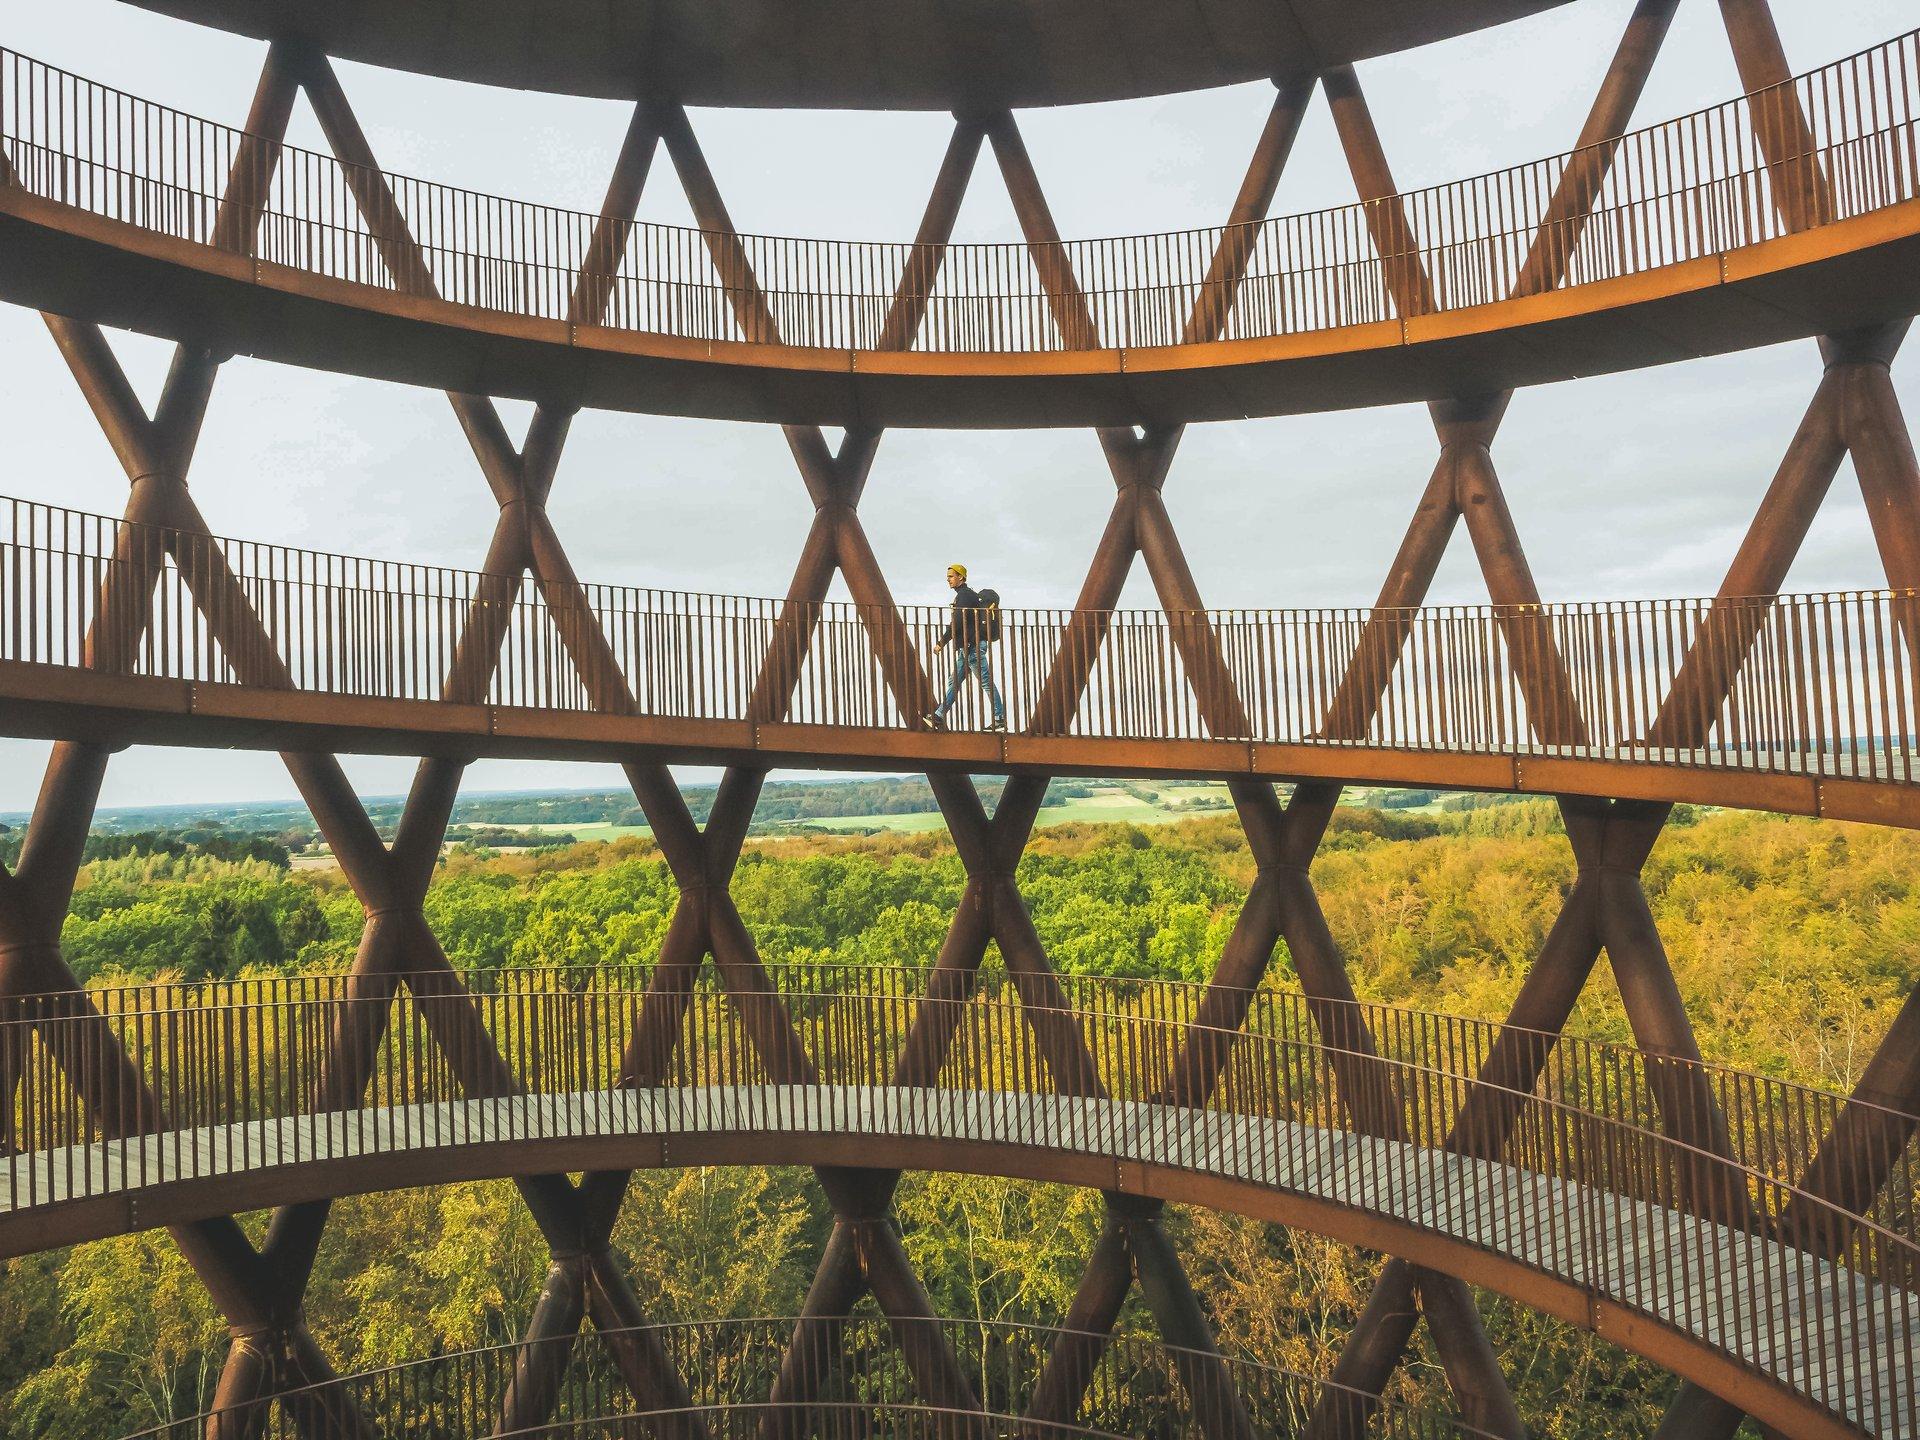 Sydsjællandske Camp Adventure med blandt andet Skovtårnet havde sidste år 384.000 besøgende, en stigning på 32.000 eller lidt over ni procent i forhold til sidste år. Pressefoto via VisitDenmark: Daniel Villadsen.